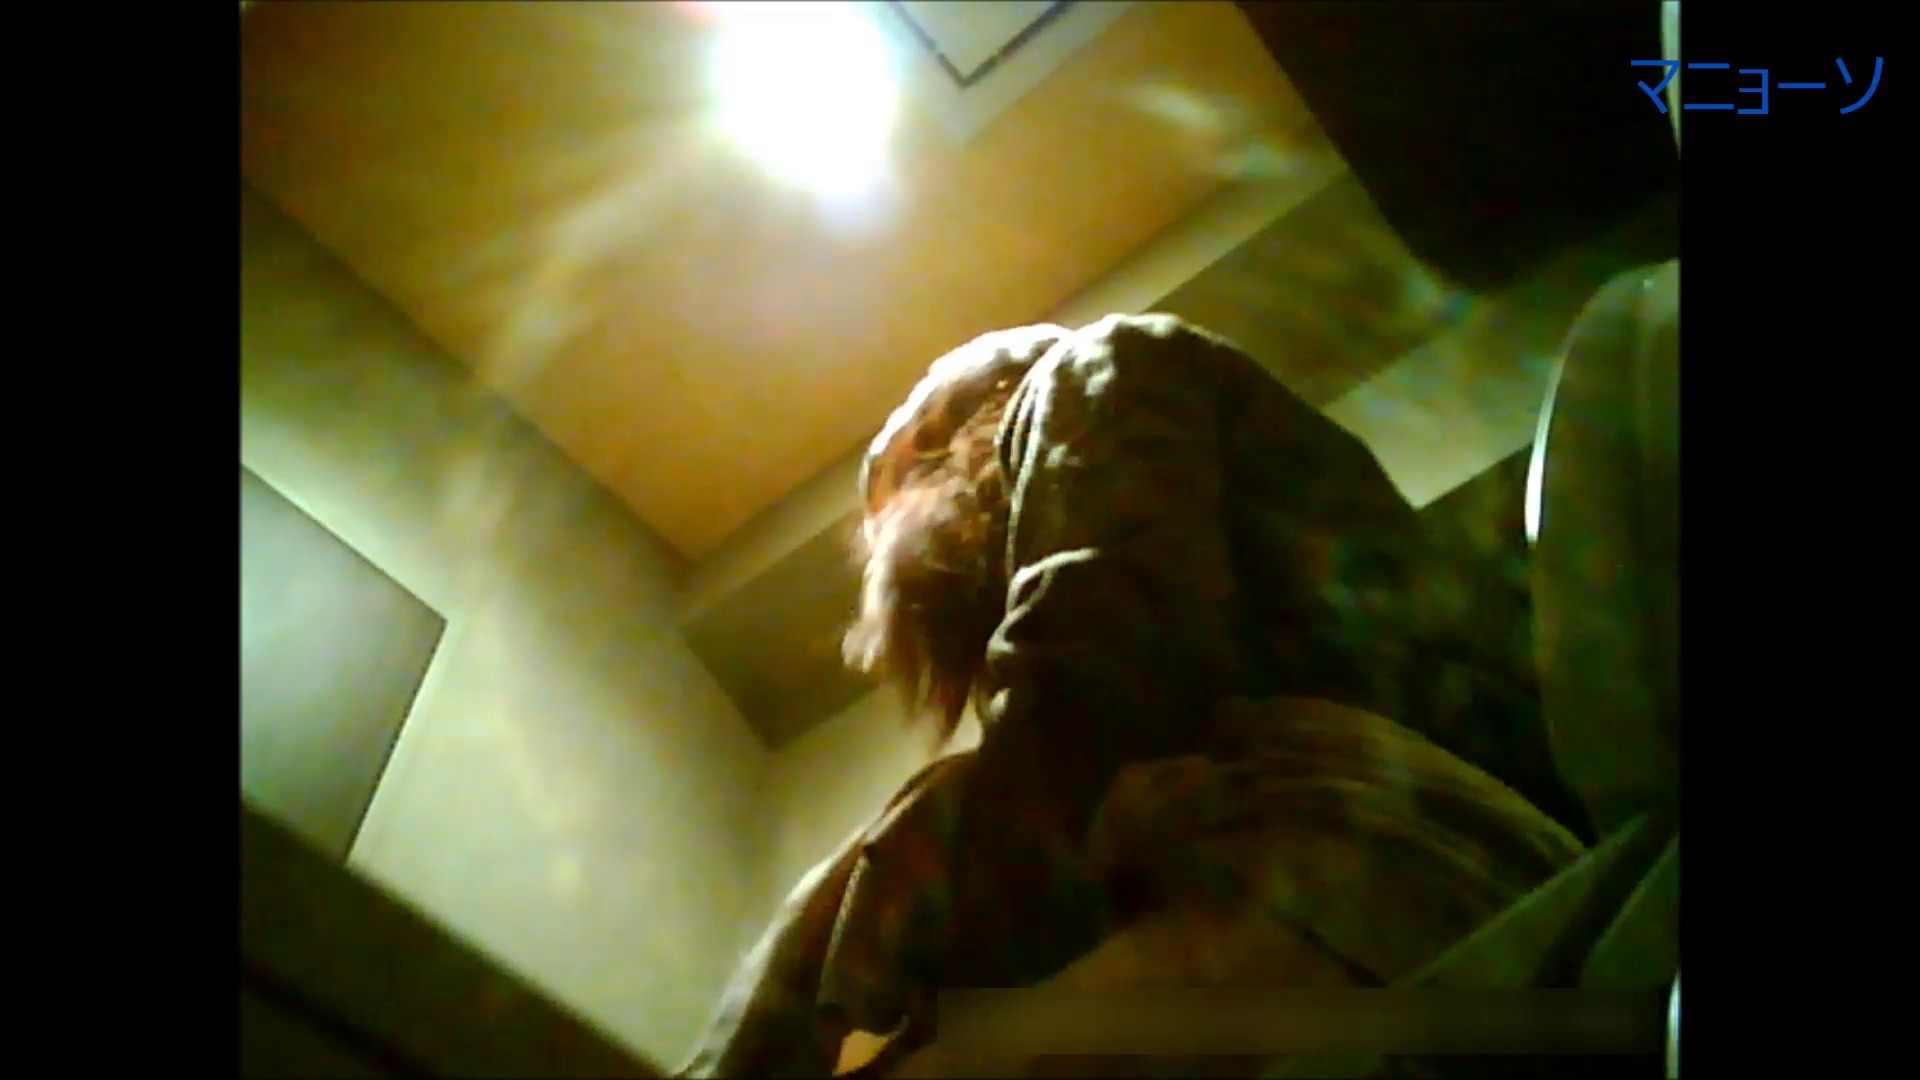 トイレでひと肌脱いでもらいました (JD編)Vol.01 トイレ中 | OL  67連発 44